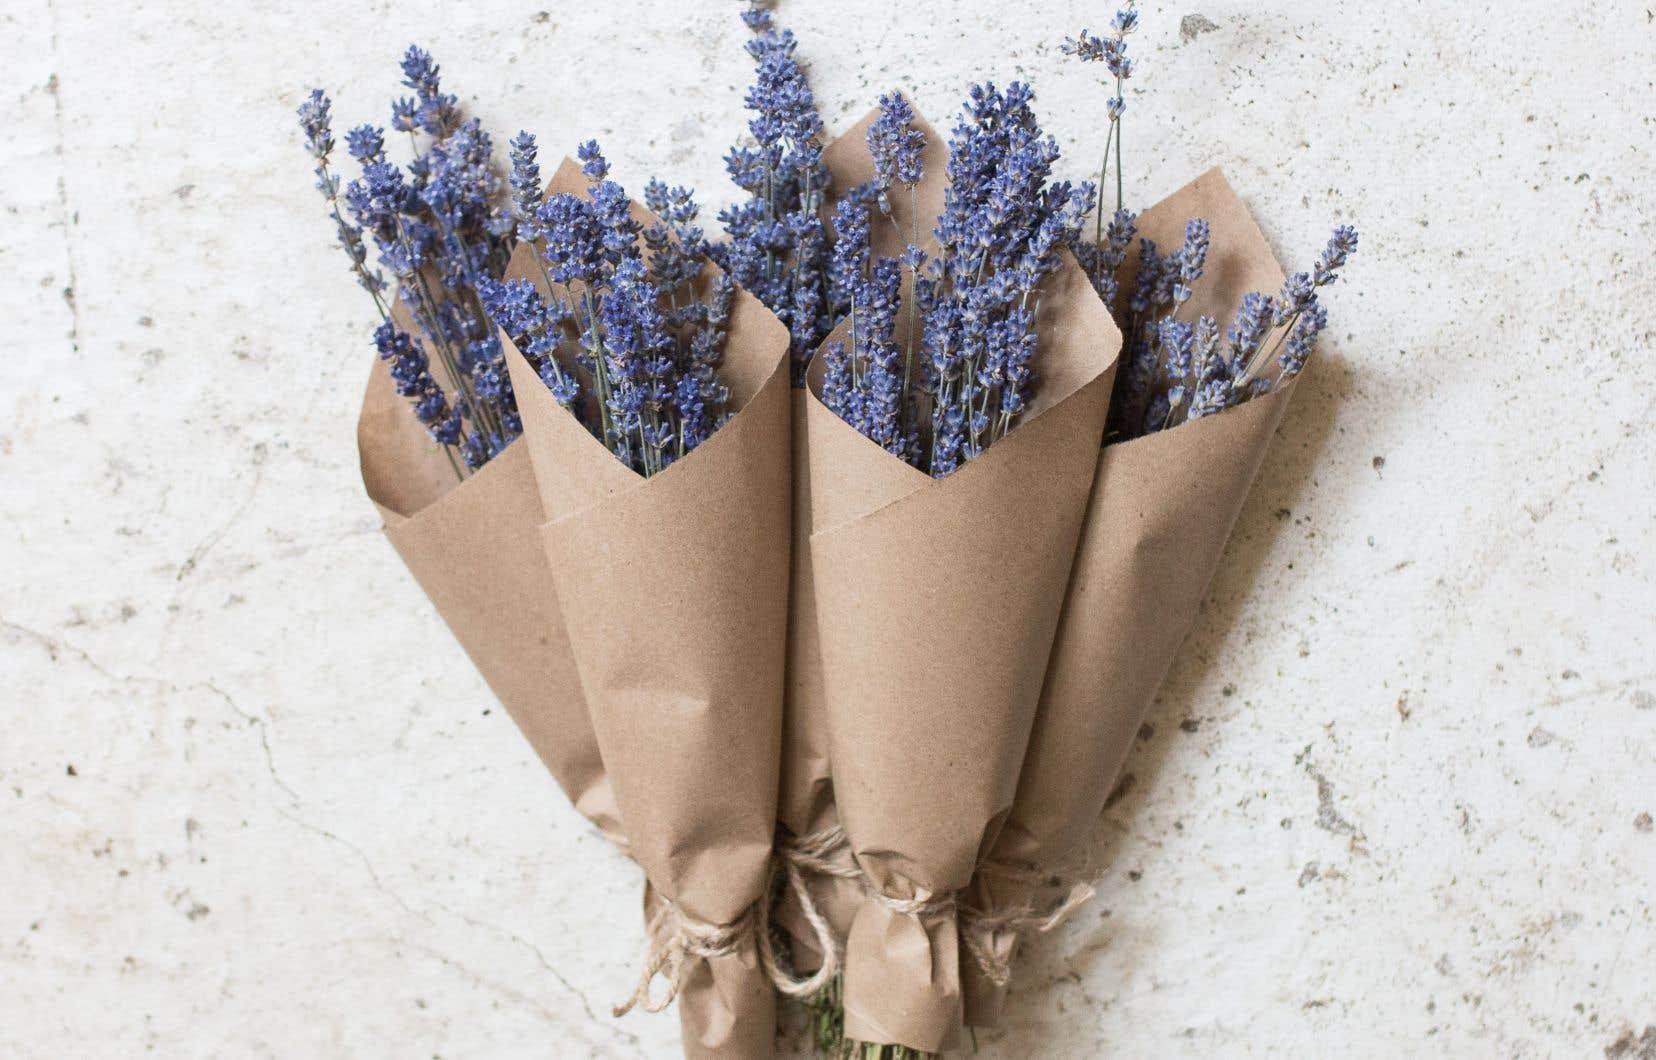 L'entreprise Jungle Fleur propose des mini bouquets de lavande qu'on a envie de mettre partout dans la maison parce qu'ils sont aussi beaux qu'odorants.